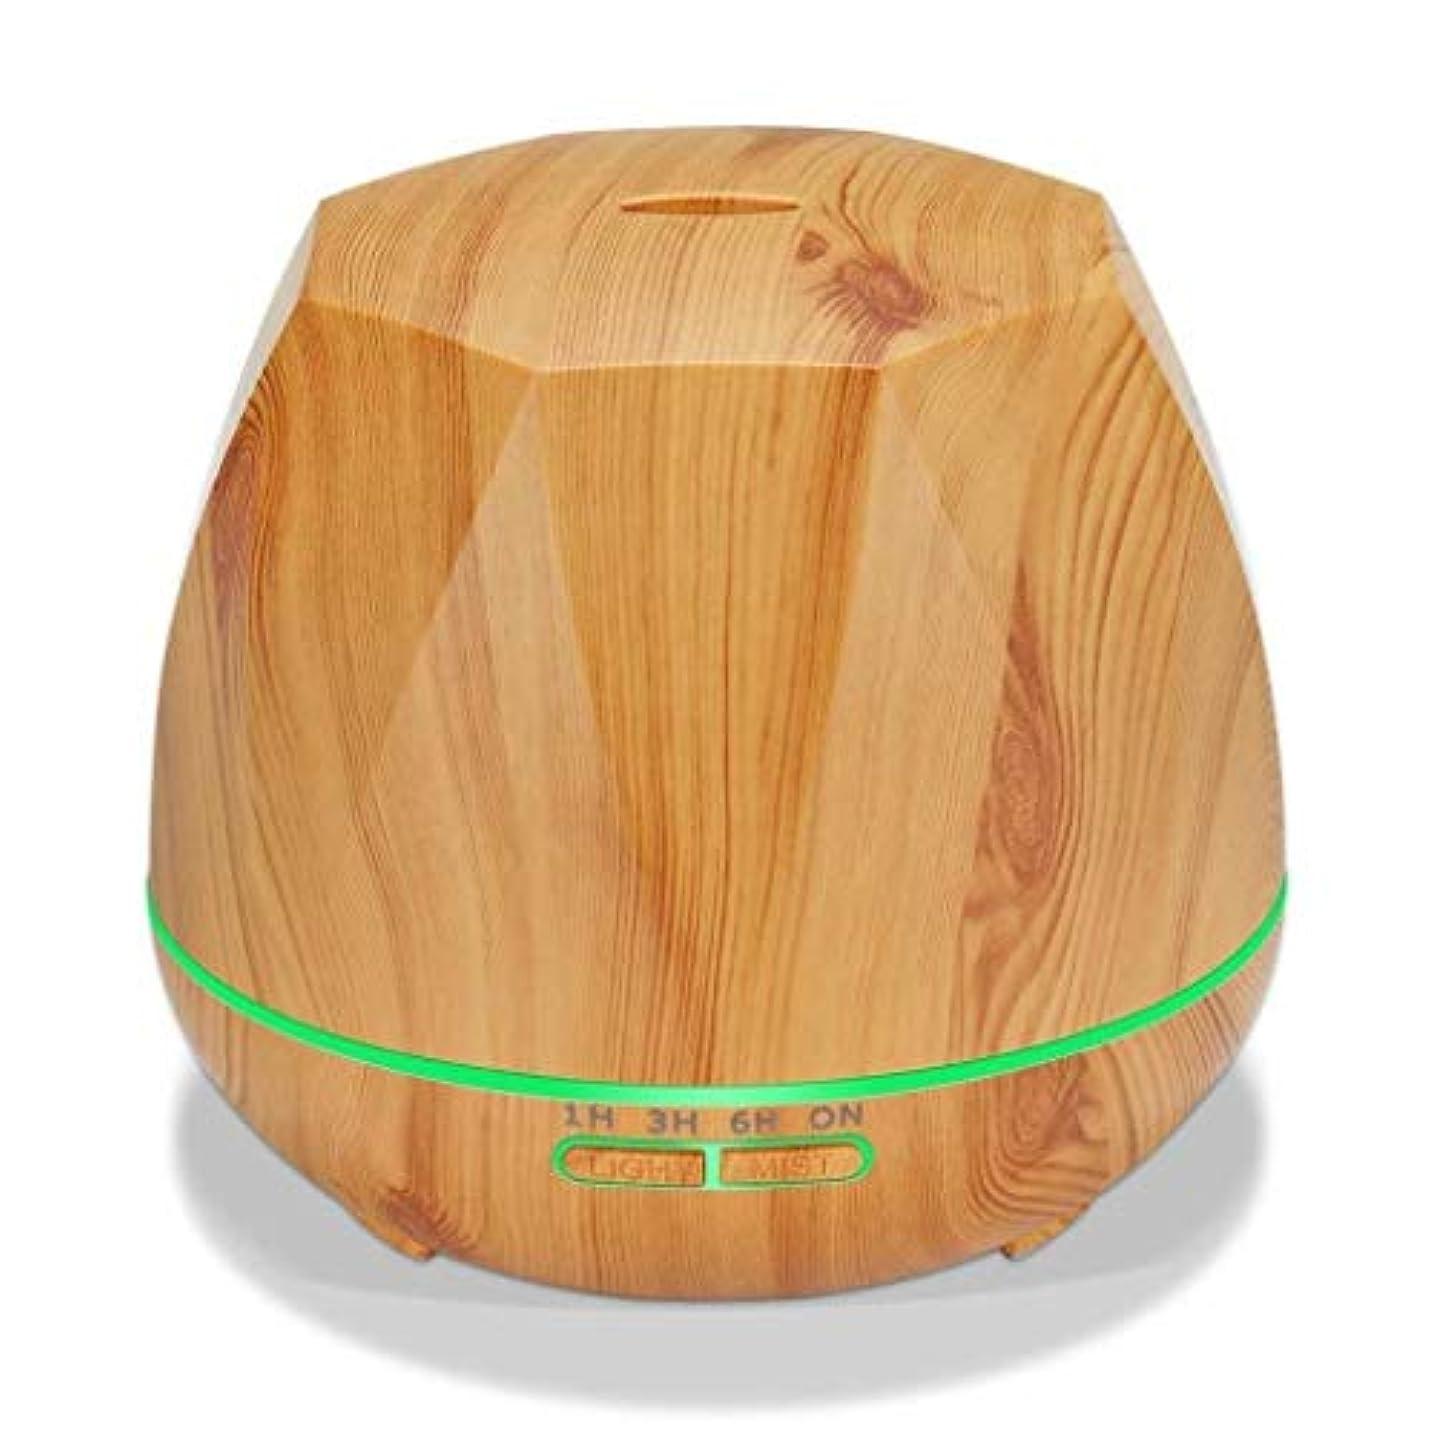 ウッドグレインエッセンシャルオイルディフューザー超音波加湿器ポータブルアロマディフューザー付きクールミスト用ホームスパ寝室ギフト用女性